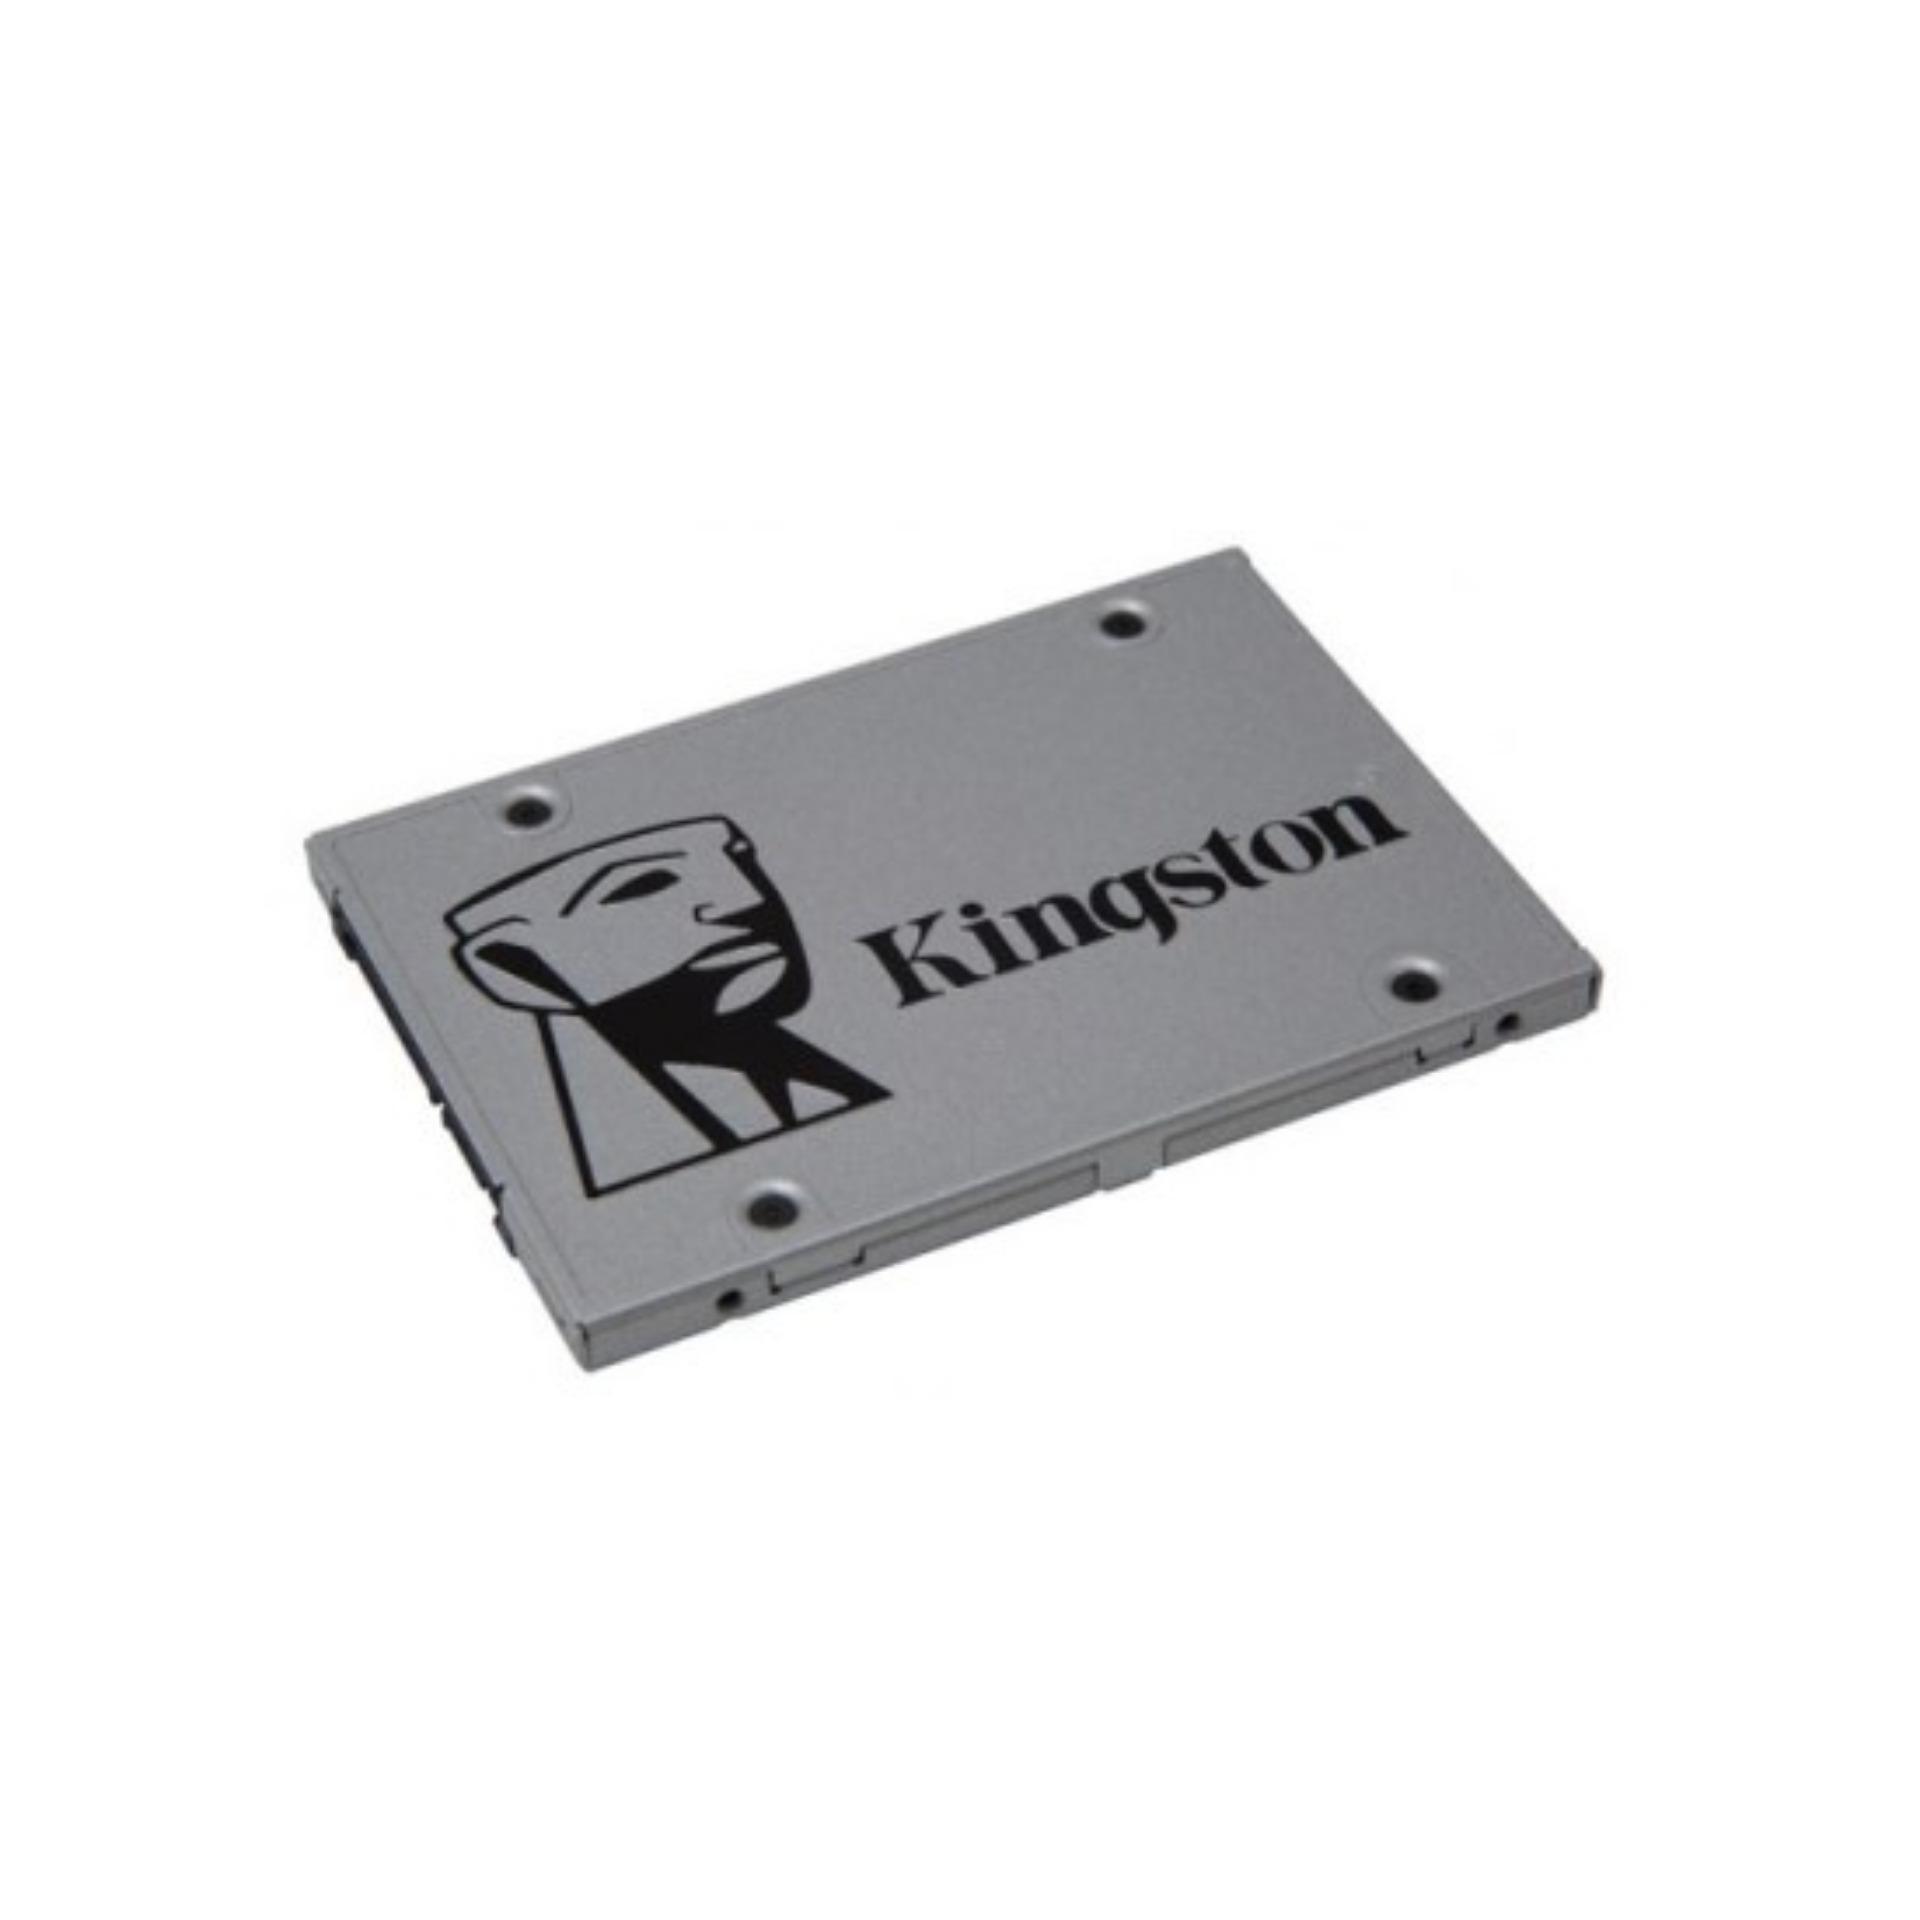 Hình ảnh Ổ cứng SSD Kingston120GB UV400 SATA 3 (Bạc)